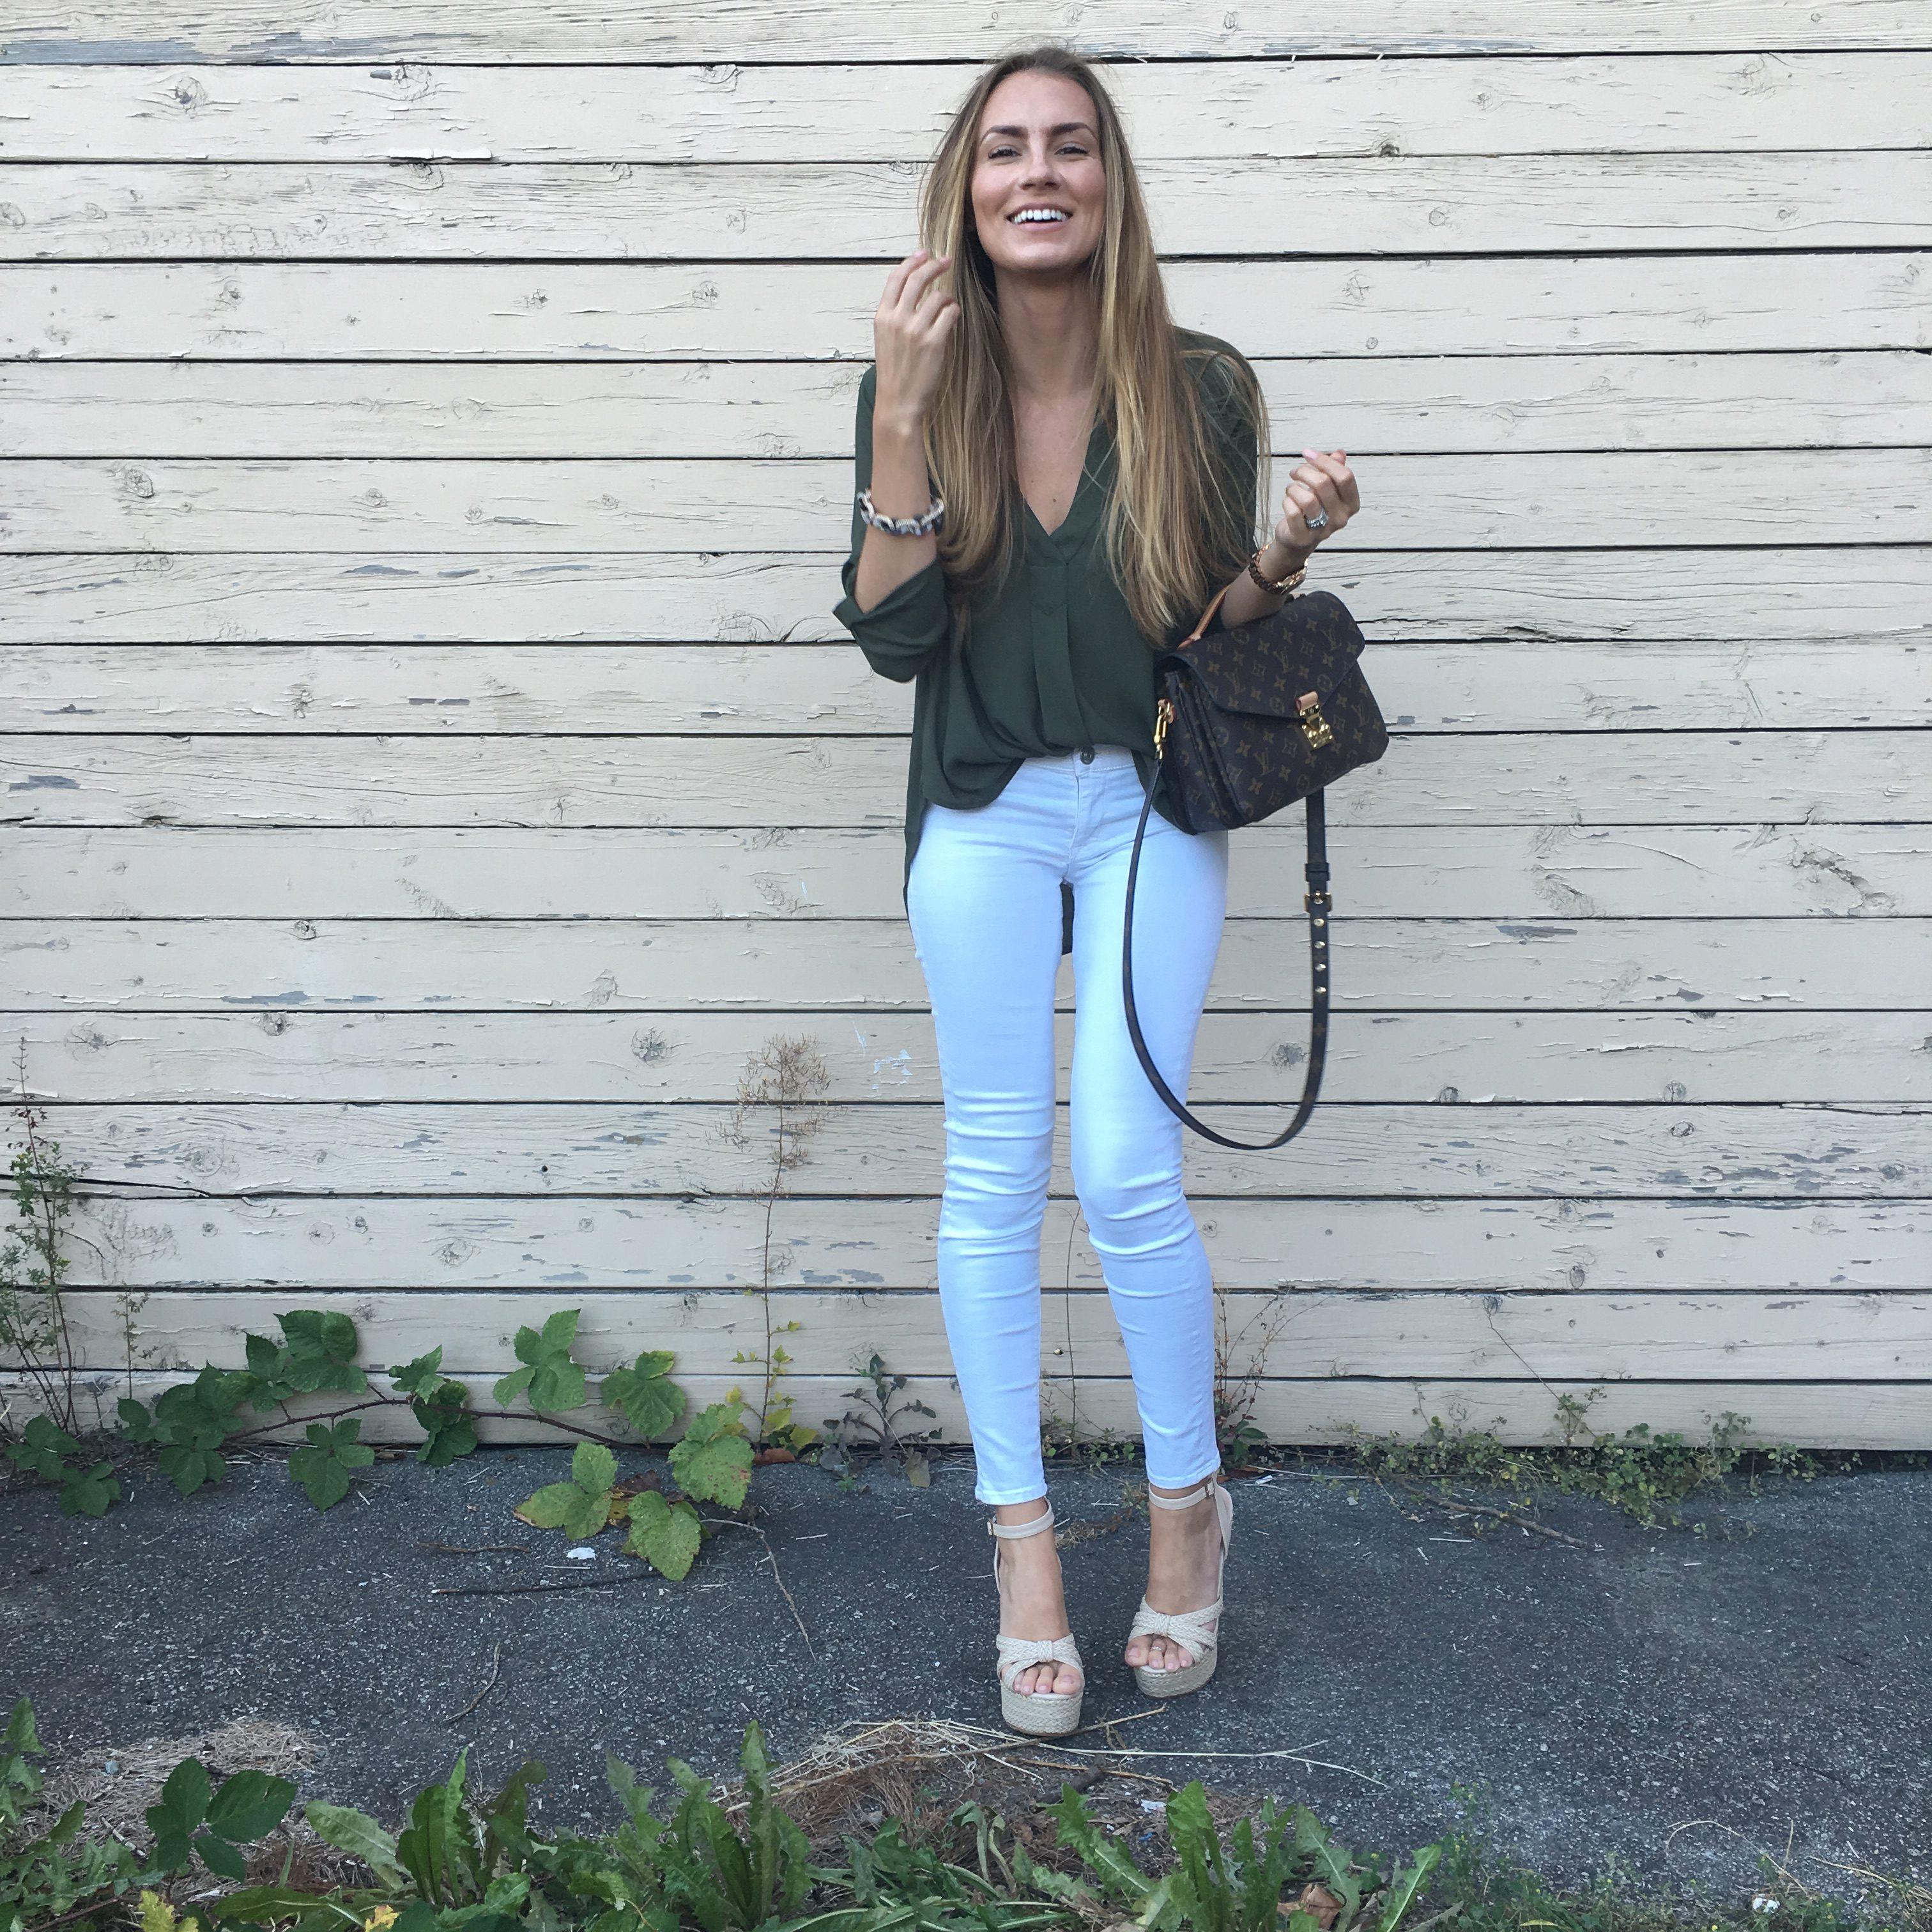 lush shirt hudson white jeans hello gorgeous angela lanter ootd